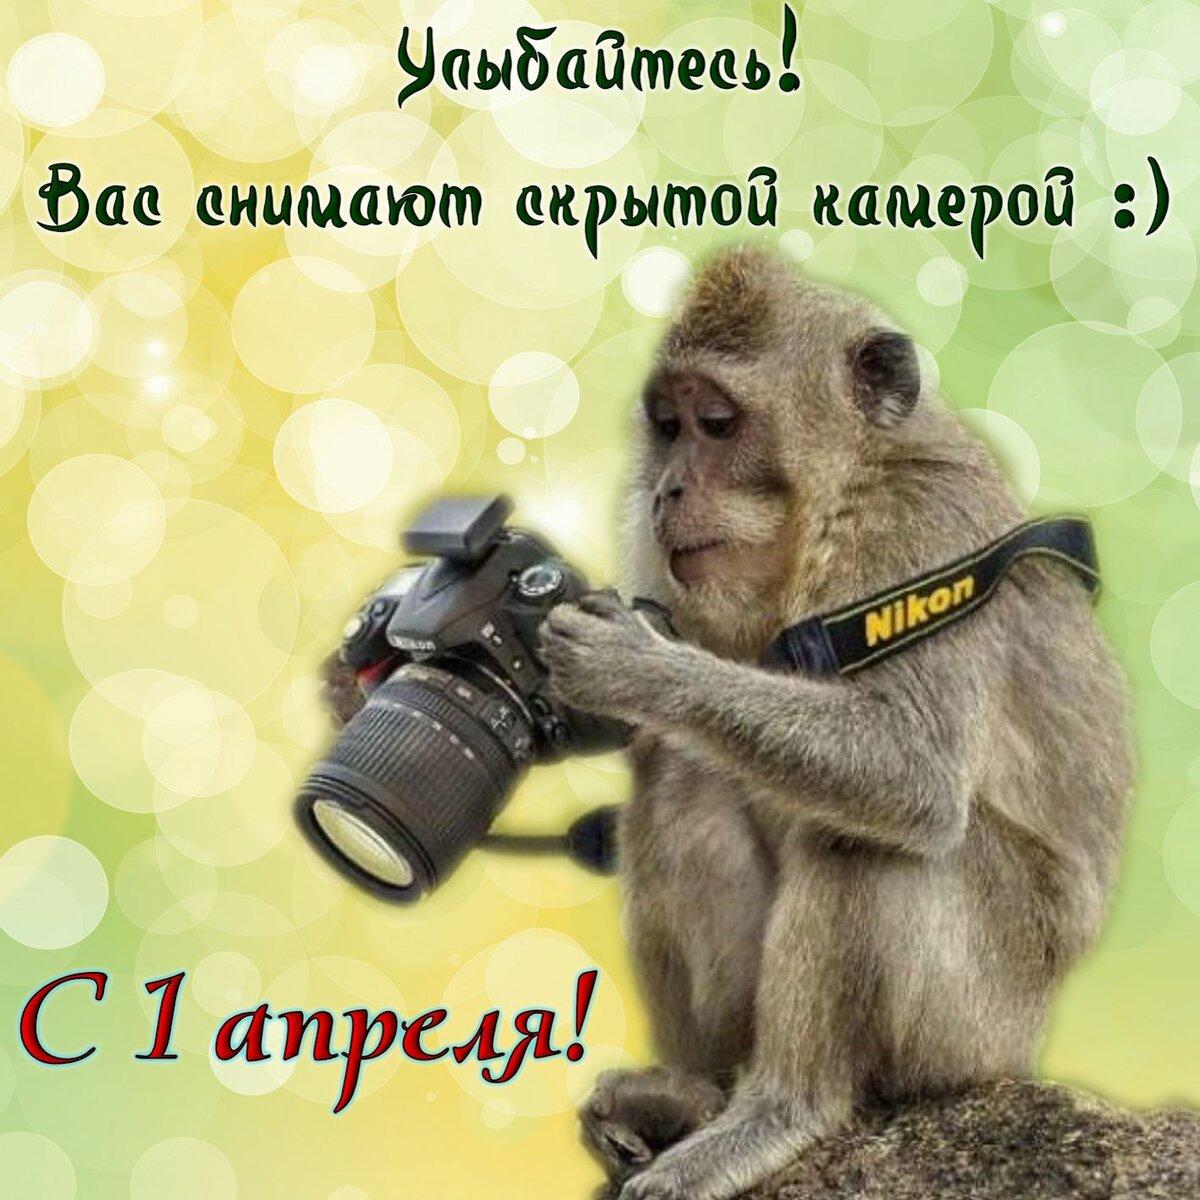 Картинки с обезьяной и поздравлениями